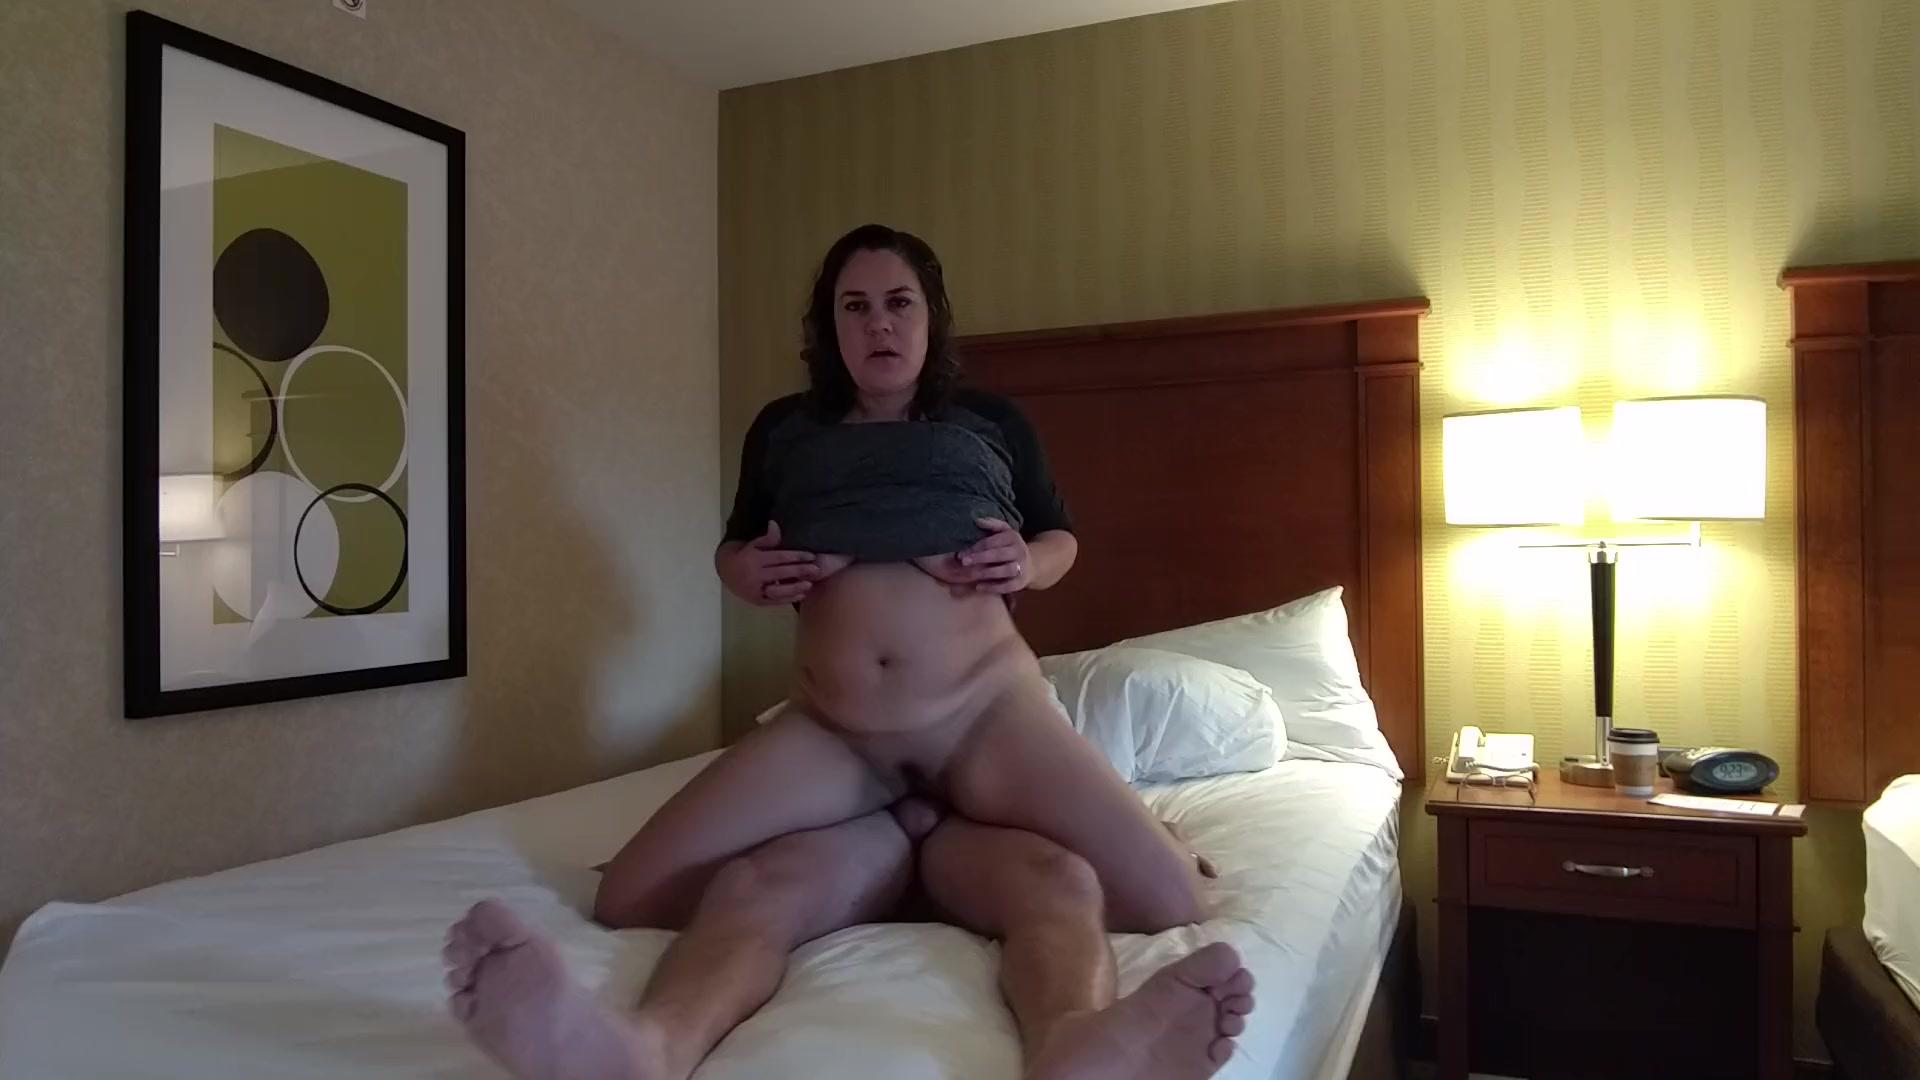 hotel voyeur porn videos   youporn